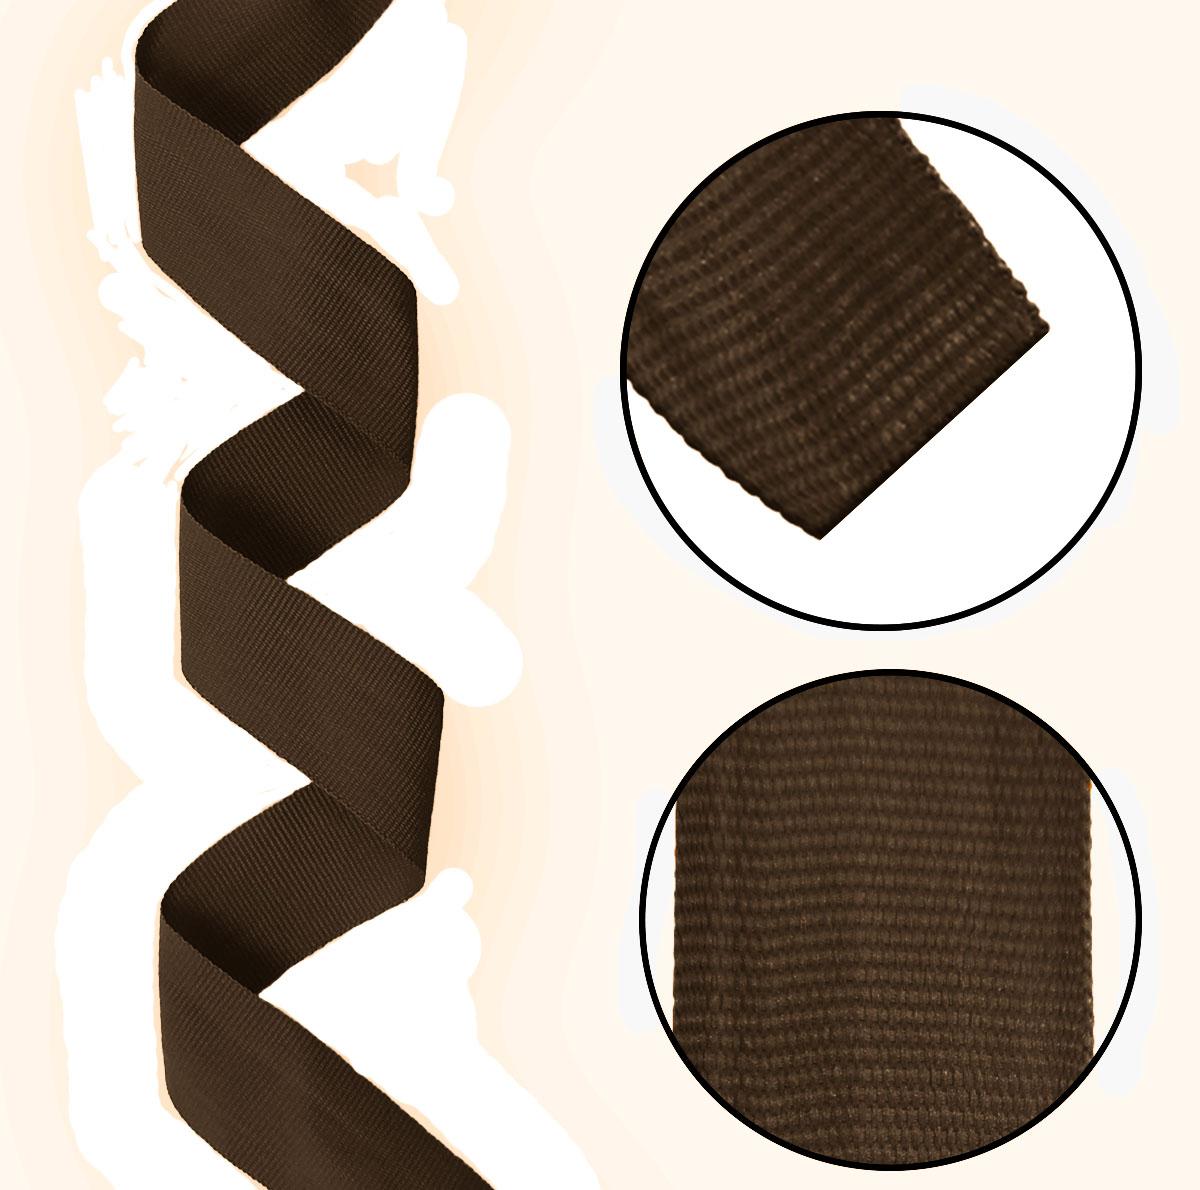 Alça Gorgurão (Tela) 20mm x 37 cm - Cortada S/ Acetato (100 unidades)